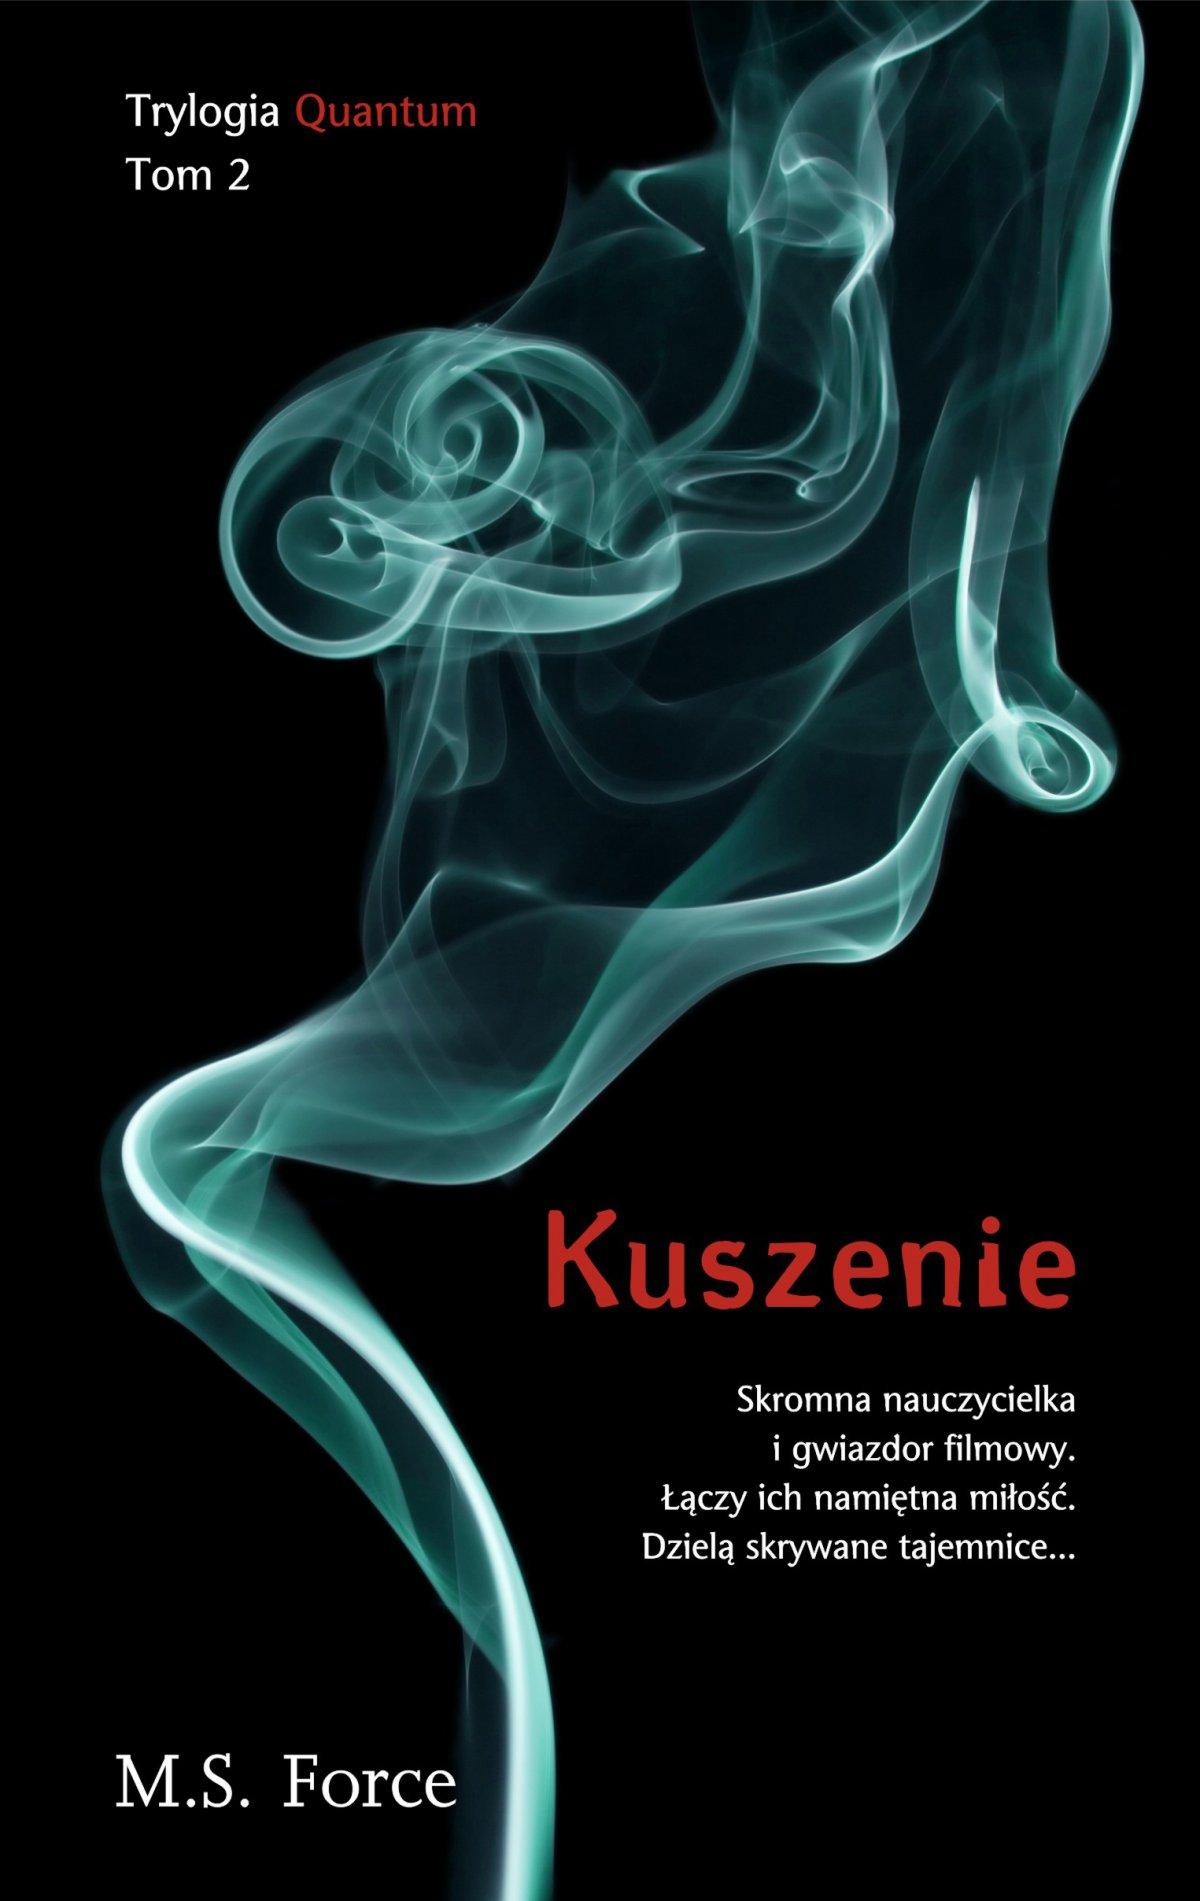 Kuszenie - Ebook (Książka na Kindle) do pobrania w formacie MOBI